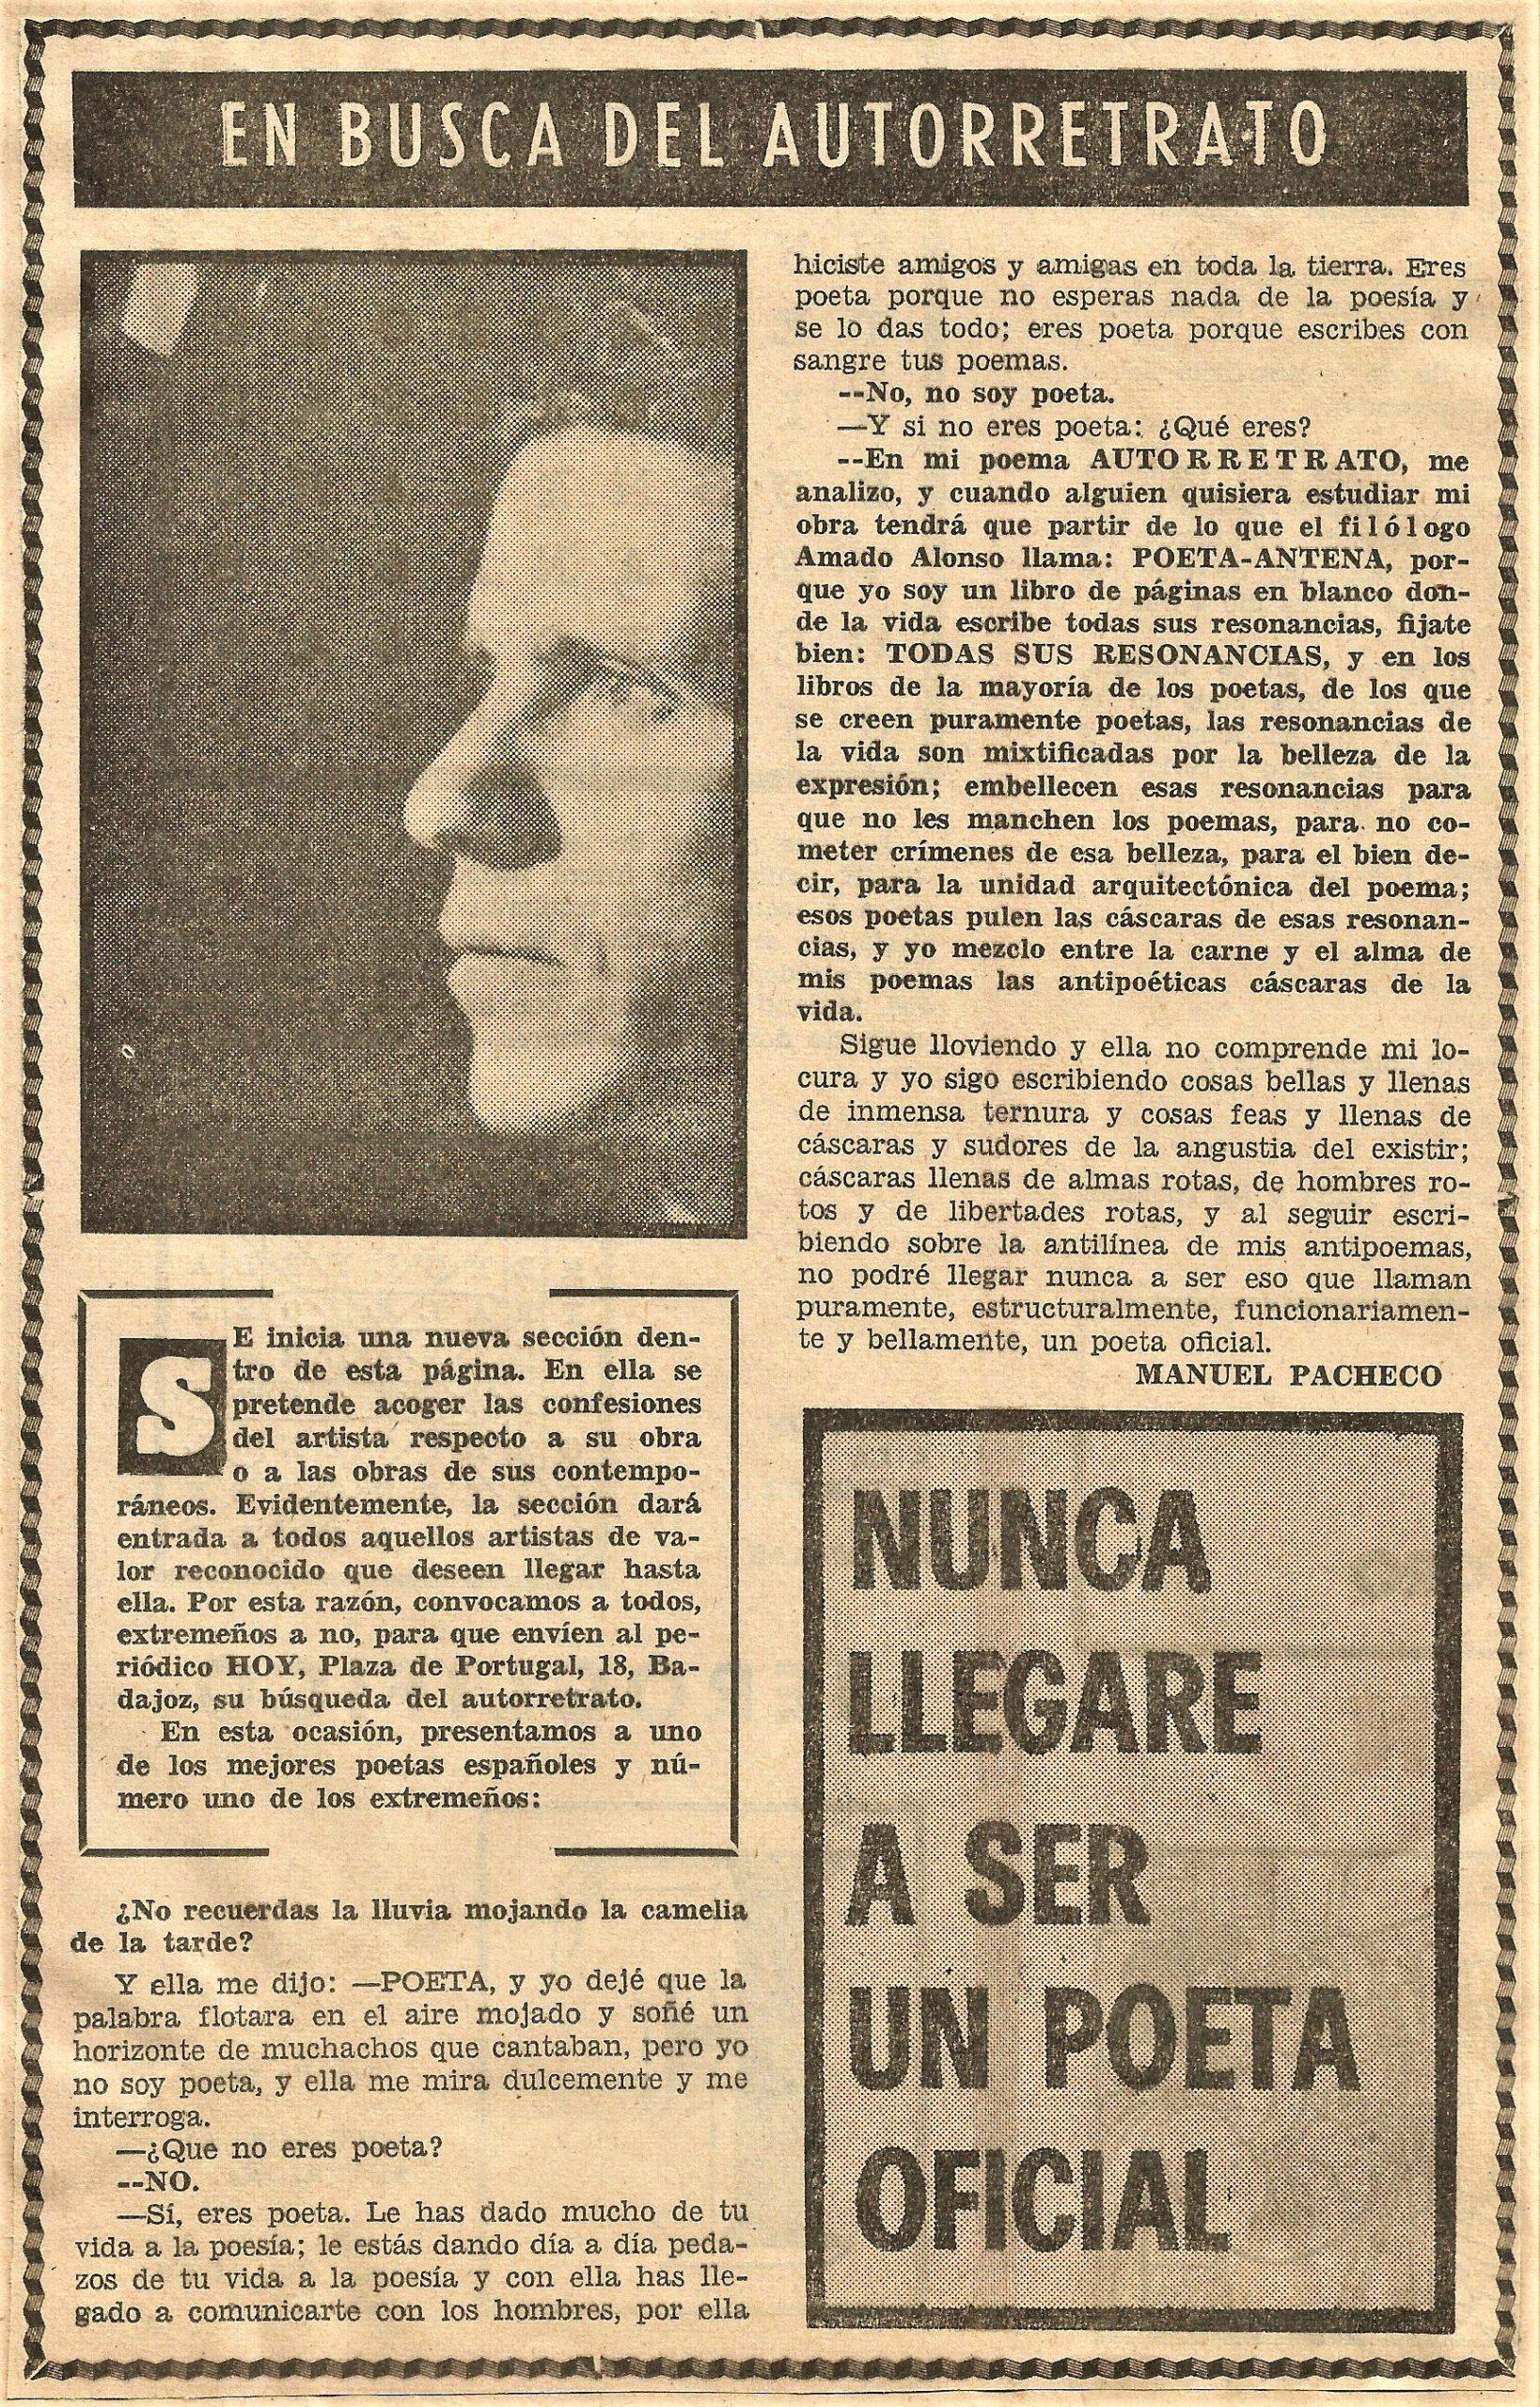 Autorretrato de Pacheco publicado en la secciòn de Artes y Letras del diario Hoy (7 de noviembre de 1971)